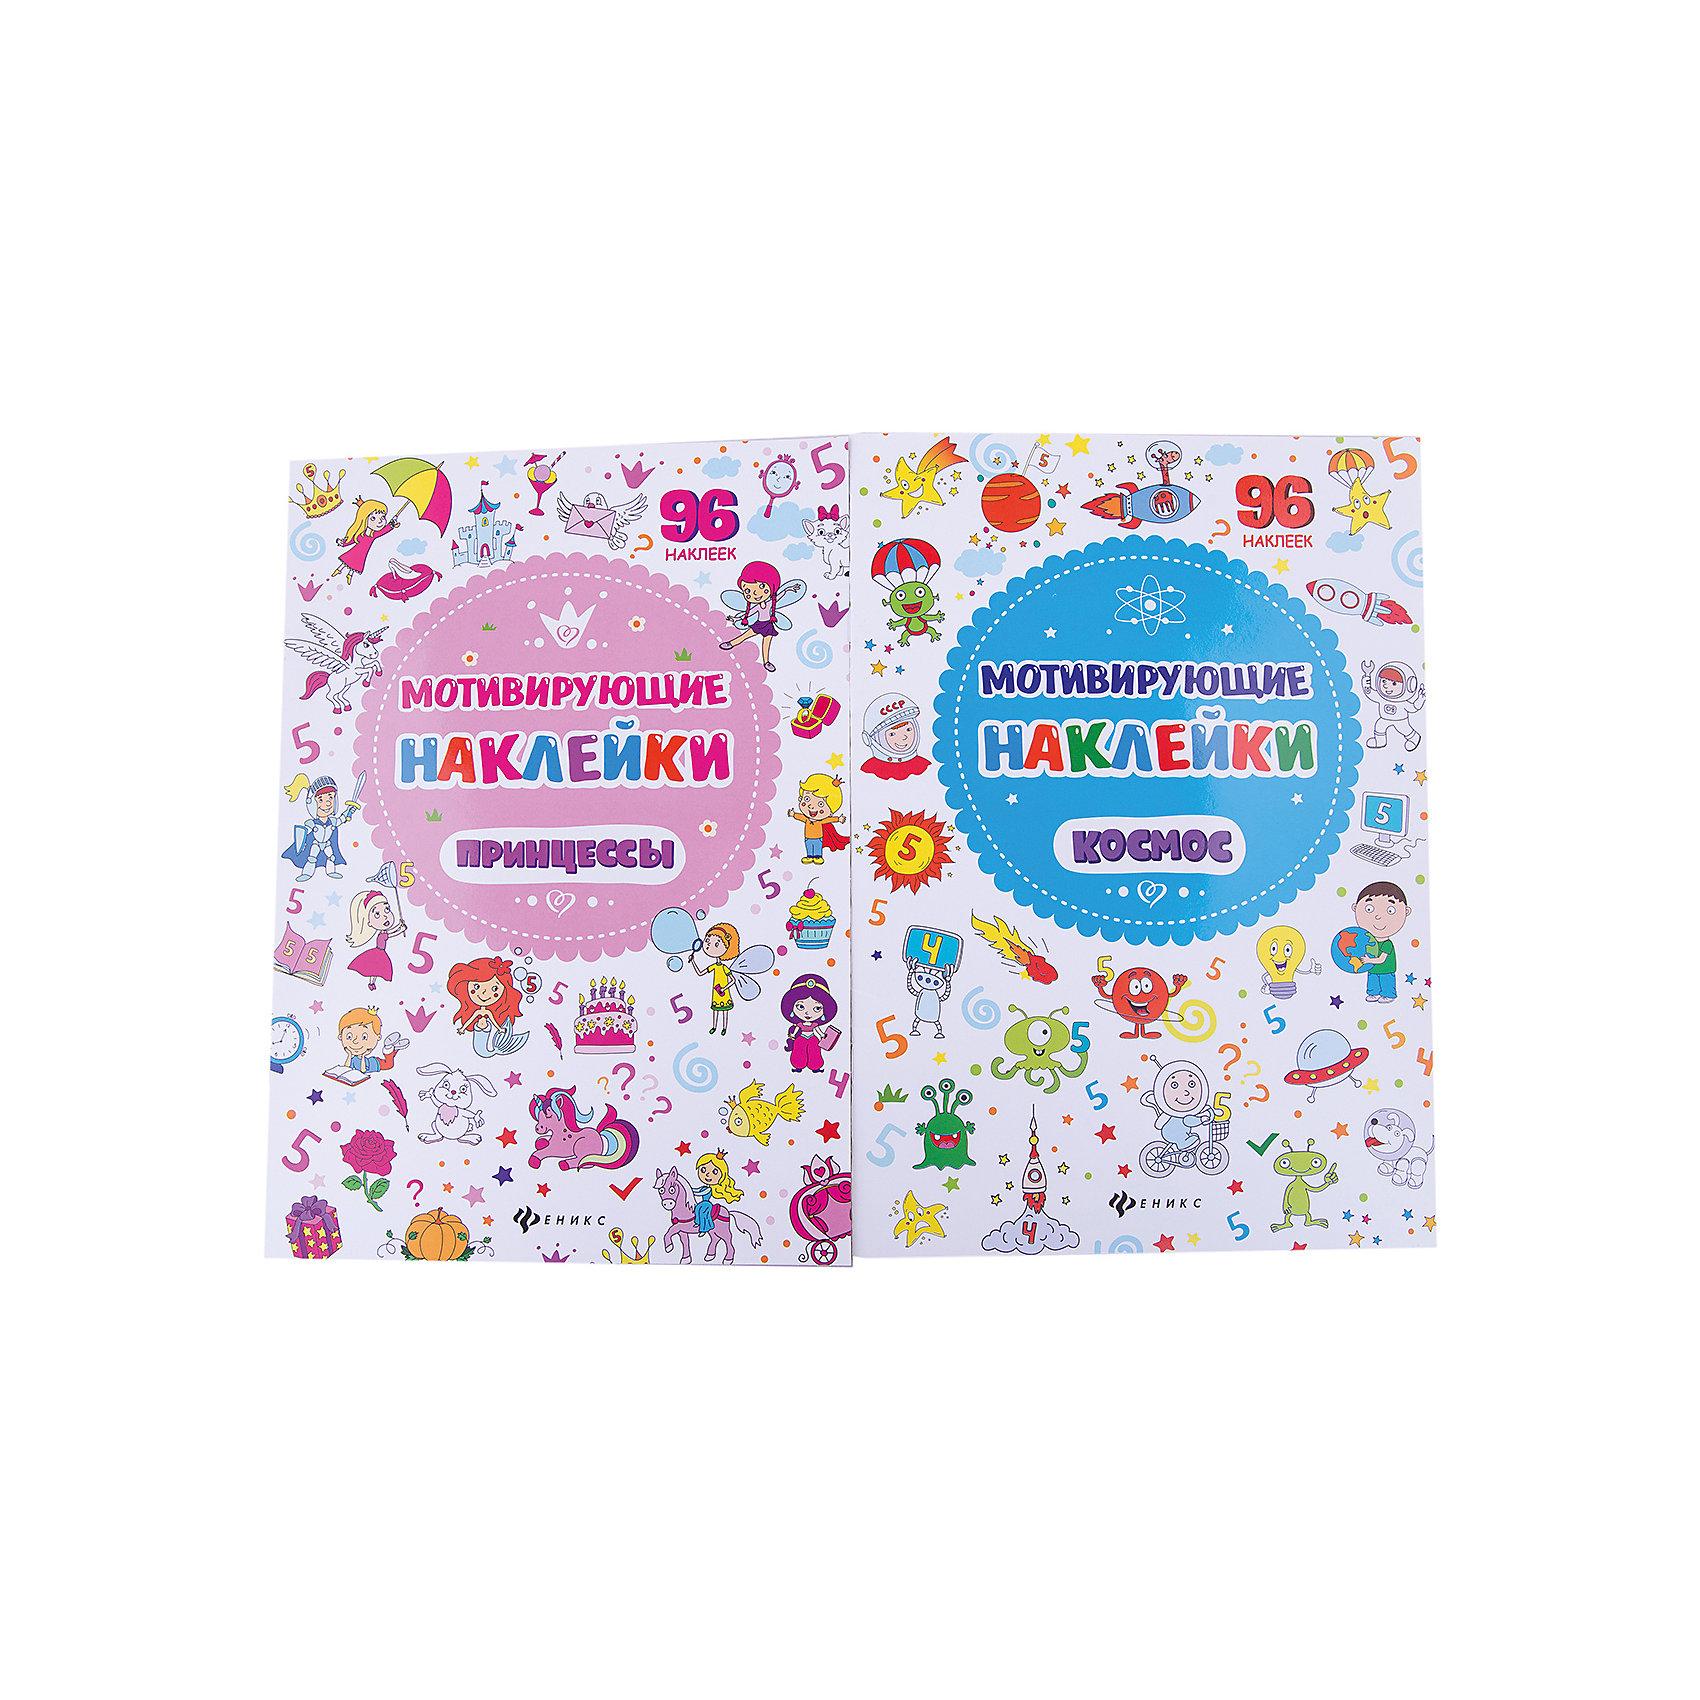 Комплект наклеек Принцессы+ космосКнижки с наклейками<br>Характеристики:<br><br>• ISBN: 4665271961441;<br>• ISBN: 4665271961458;<br>• возраст: от 3 лет;<br>• формат: 84х108/16;<br>• бумага: мелованная;<br>• тип обложки: мягкий переплет (крепление скрепкой или клеем);<br>• иллюстрации: цветные;<br>• оформление: частичная лакировка;<br>• издательство: Феникс, 2016 г.;<br>• художник: Москаева Серафима;<br>• редактор: Костомарова Елена;<br>• количество страниц в книге: 8;<br>• размеры книги: 29х20,6х0,1 см;<br>• масса книги: 58 г.<br><br>В набор входит 2 книжки: <br><br>• «Мотивирующие наклейки. Принцессы»;<br>• «Мотивирующие наклейки. Космос».<br><br>Большая тетрадь с множеством красочных наклеек пригодится родителям и учителям. Веселые мотивирующие наклейки заменят оценки в тетрадях и учебных пособиях.<br><br>Мальчики и девочки будут рады получить такую книгу с наклейками в подарок.<br><br>Набор книг «Мотивирующие наклейки. Принцессы + Космос», Москаева С., Феникс, можно купить в нашем интернет-магазине.<br><br>Ширина мм: 289<br>Глубина мм: 206<br>Высота мм: 20<br>Вес г: 354<br>Возраст от месяцев: 36<br>Возраст до месяцев: 2147483647<br>Пол: Унисекс<br>Возраст: Детский<br>SKU: 6873677